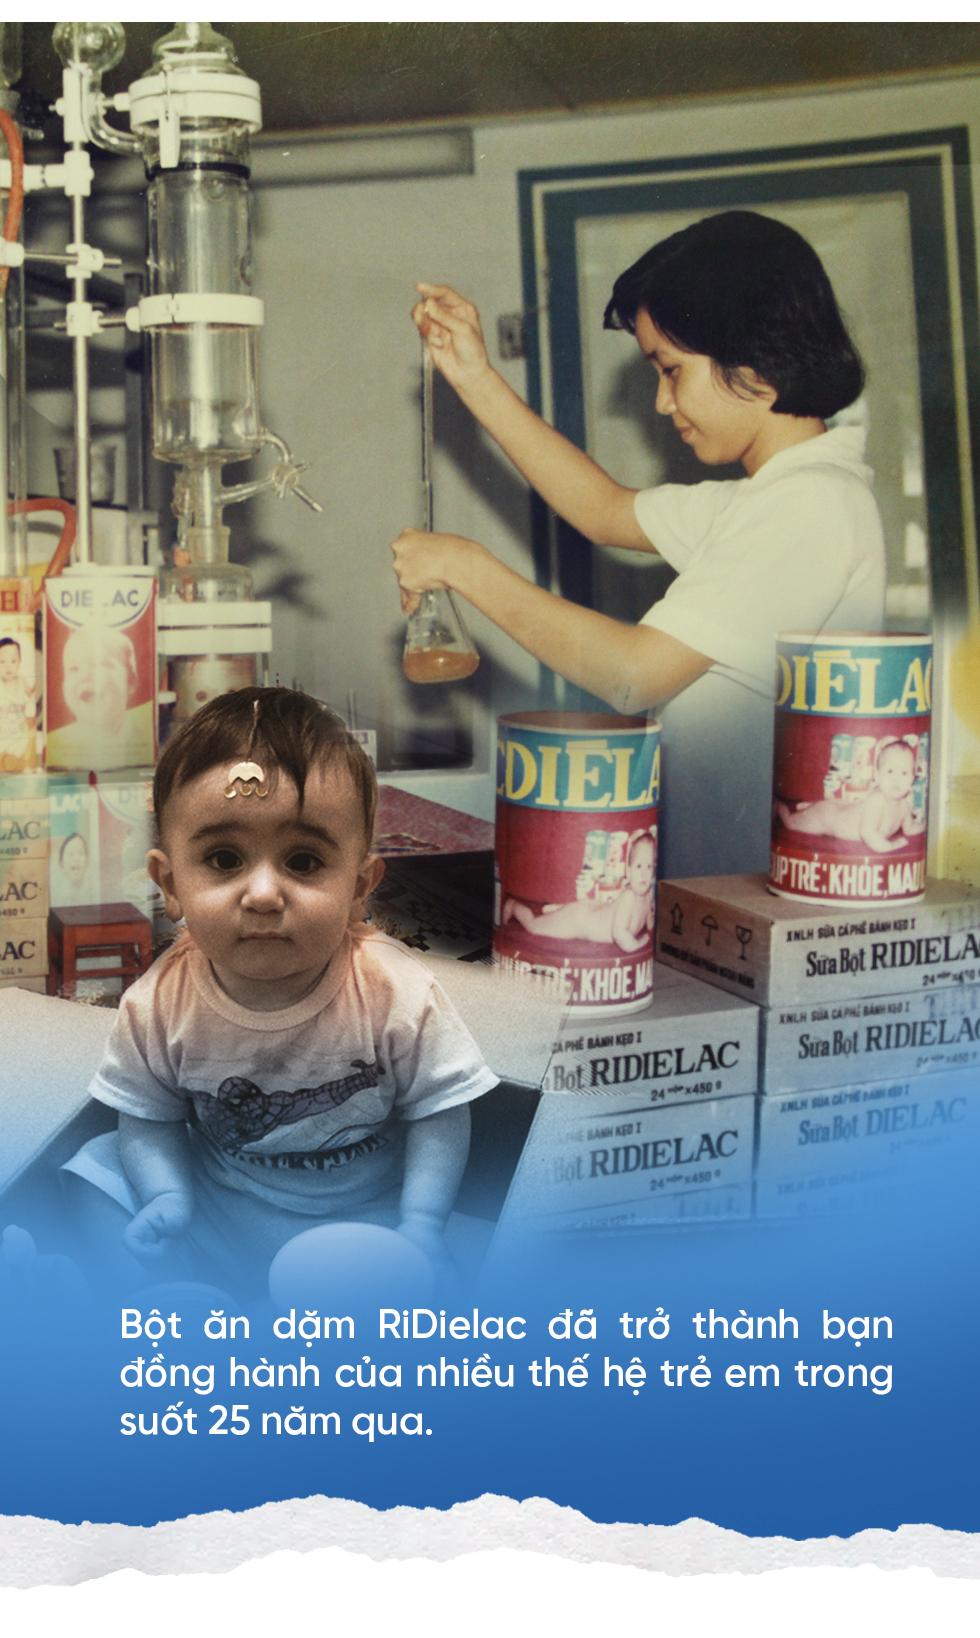 Vinamilk: Dấu son sữa Việt trên đấu trường quốc tế - Ảnh 8.